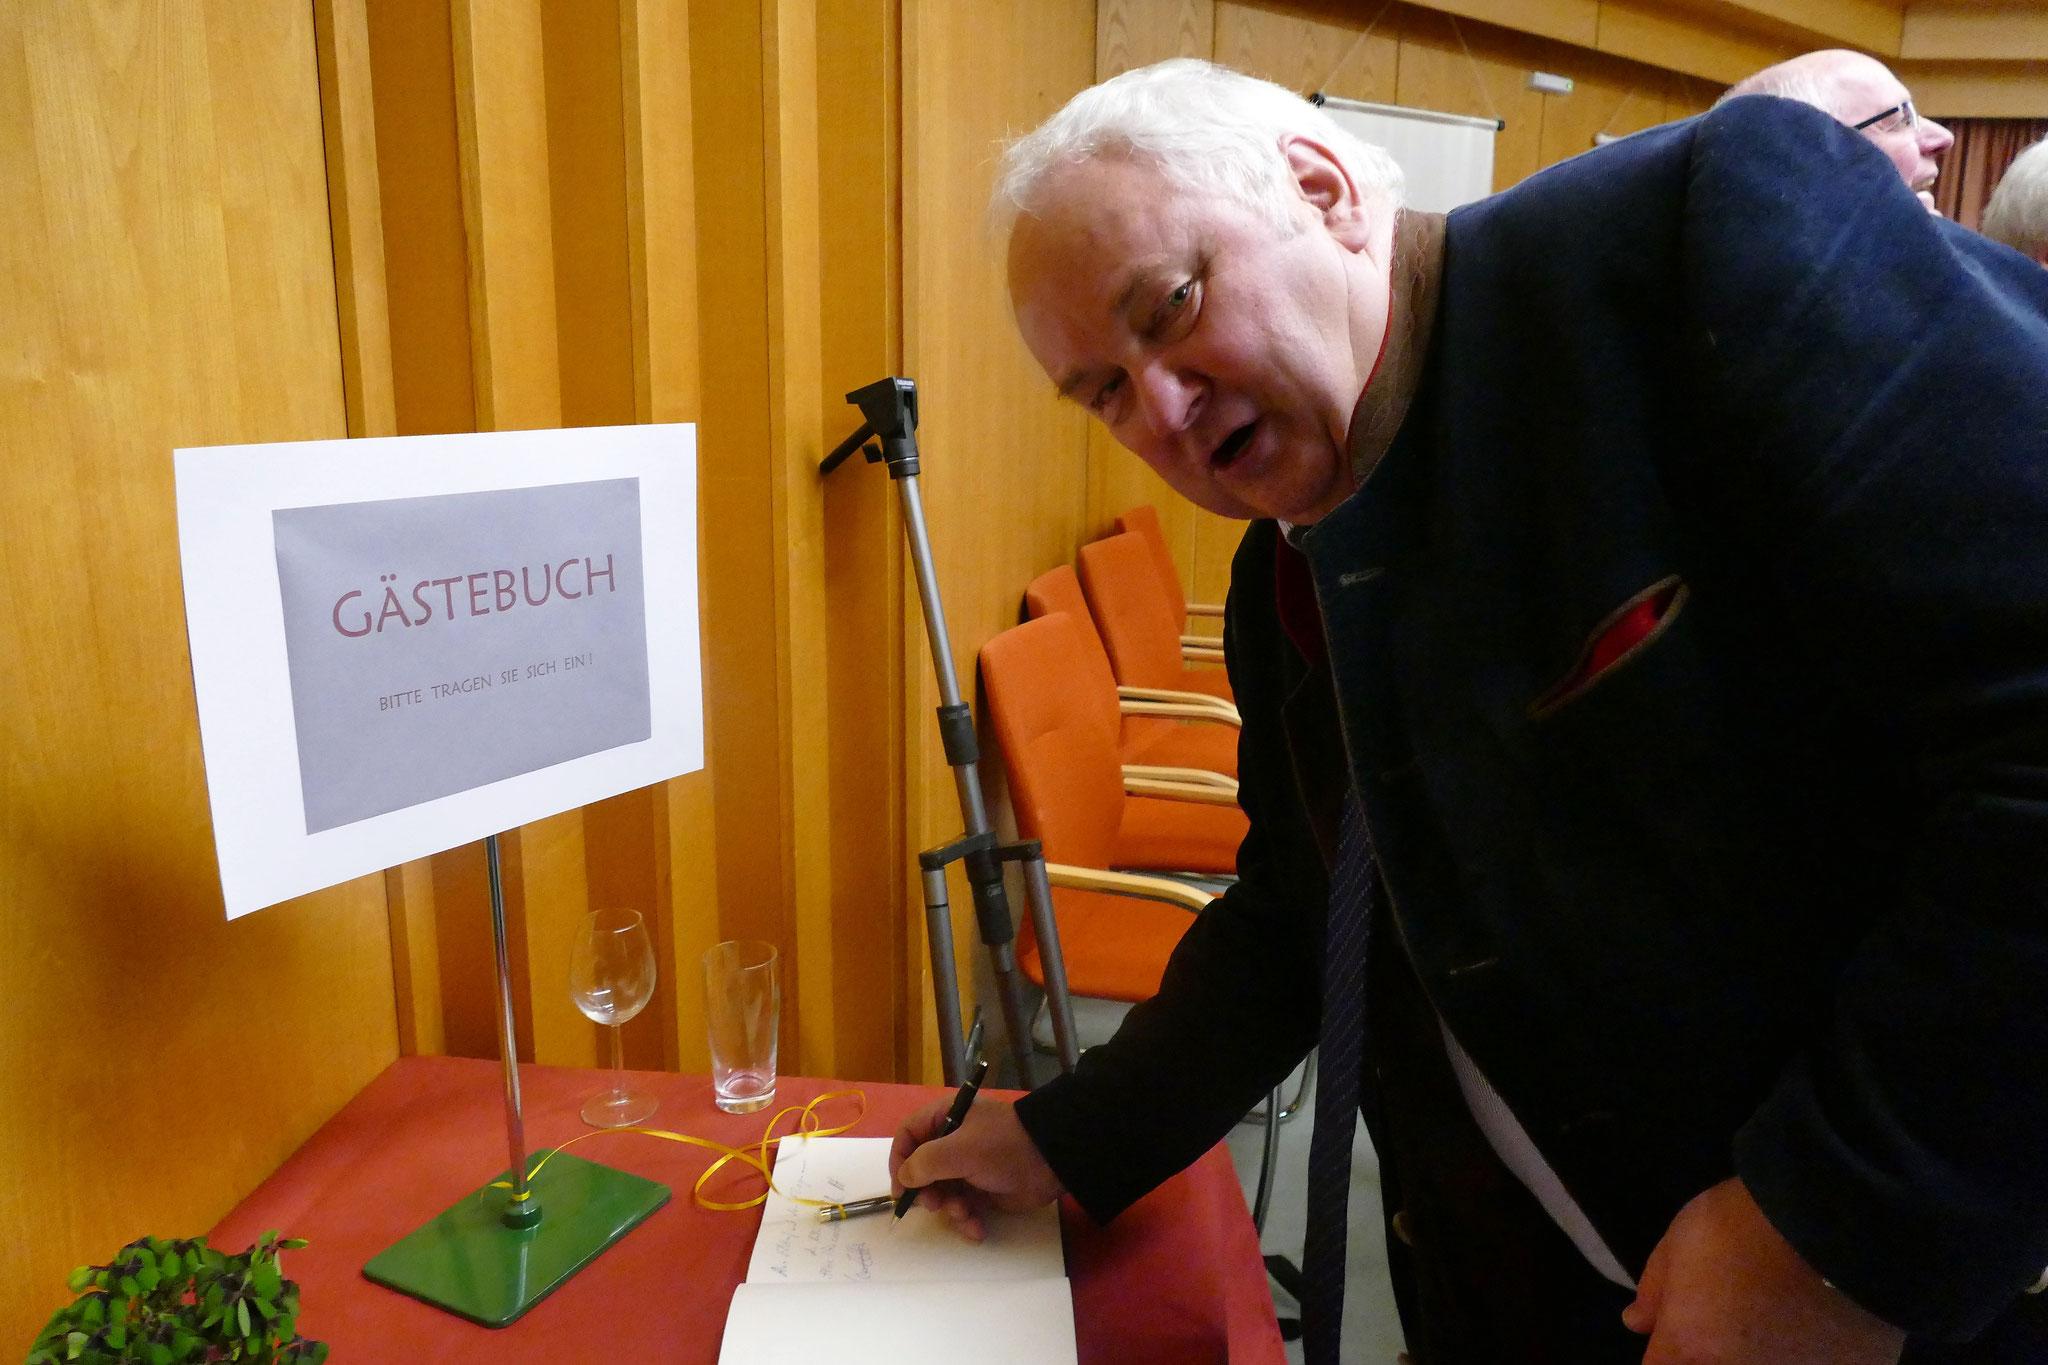 Der niedersächsische Landtagsabgeordnete Heiner Schönecke (CDU) trägt sich ins Gästebuch ein